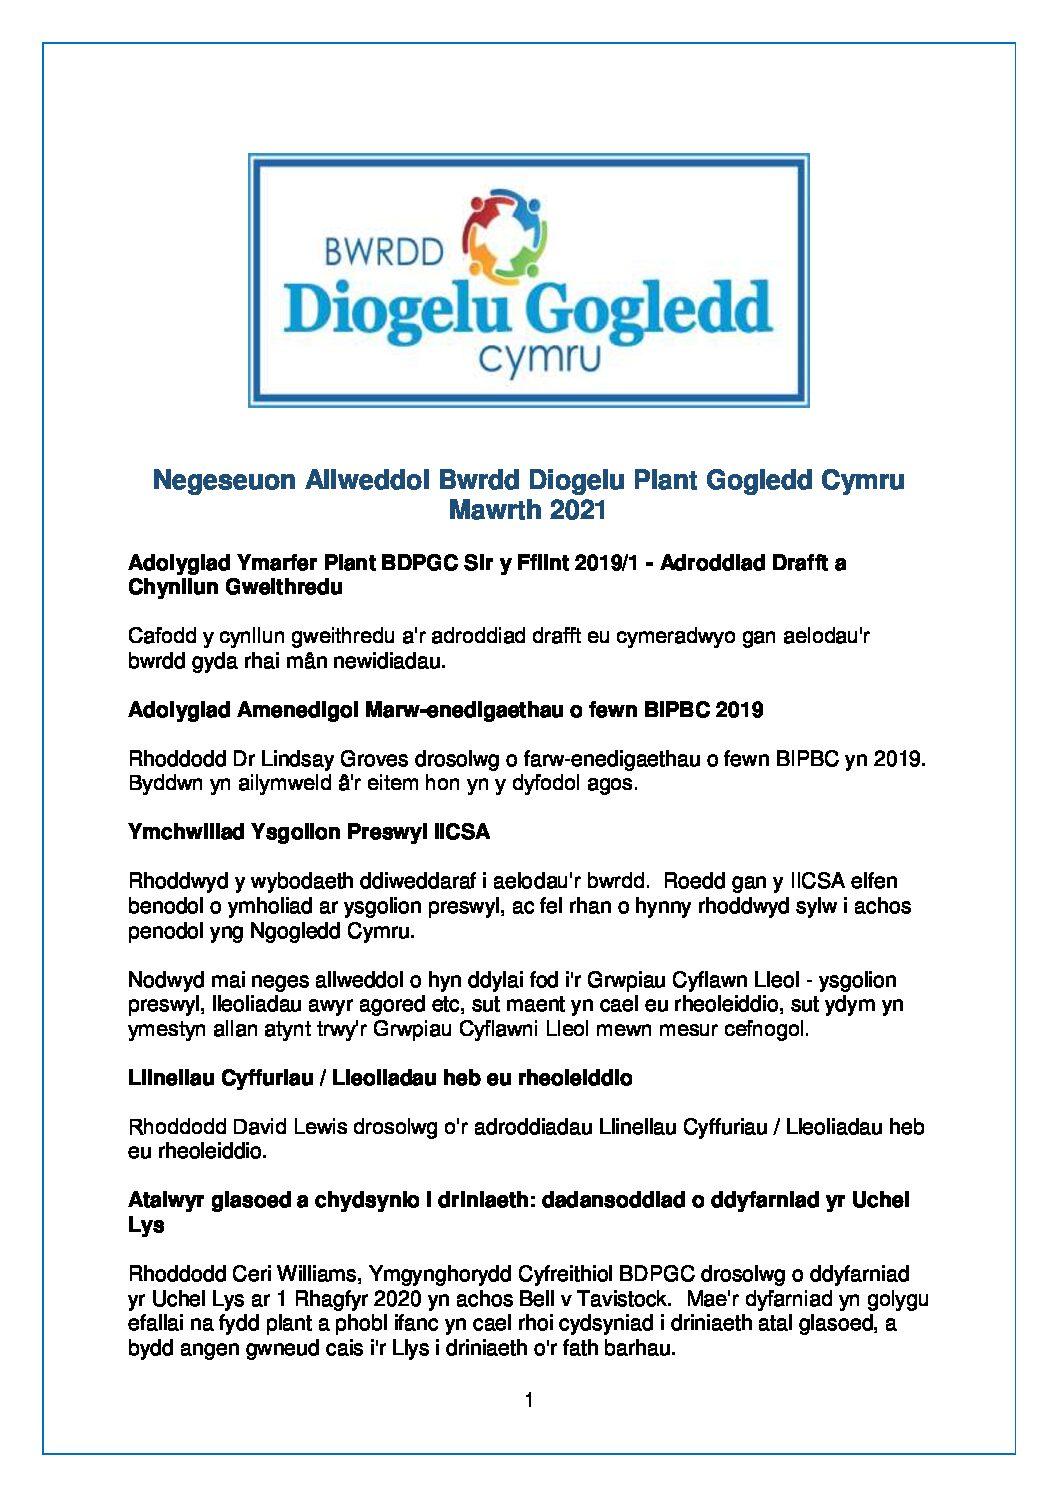 Negeseuon Allweddol Bwrdd Diogelu Plant Gogledd Cymru Mawrth 2021